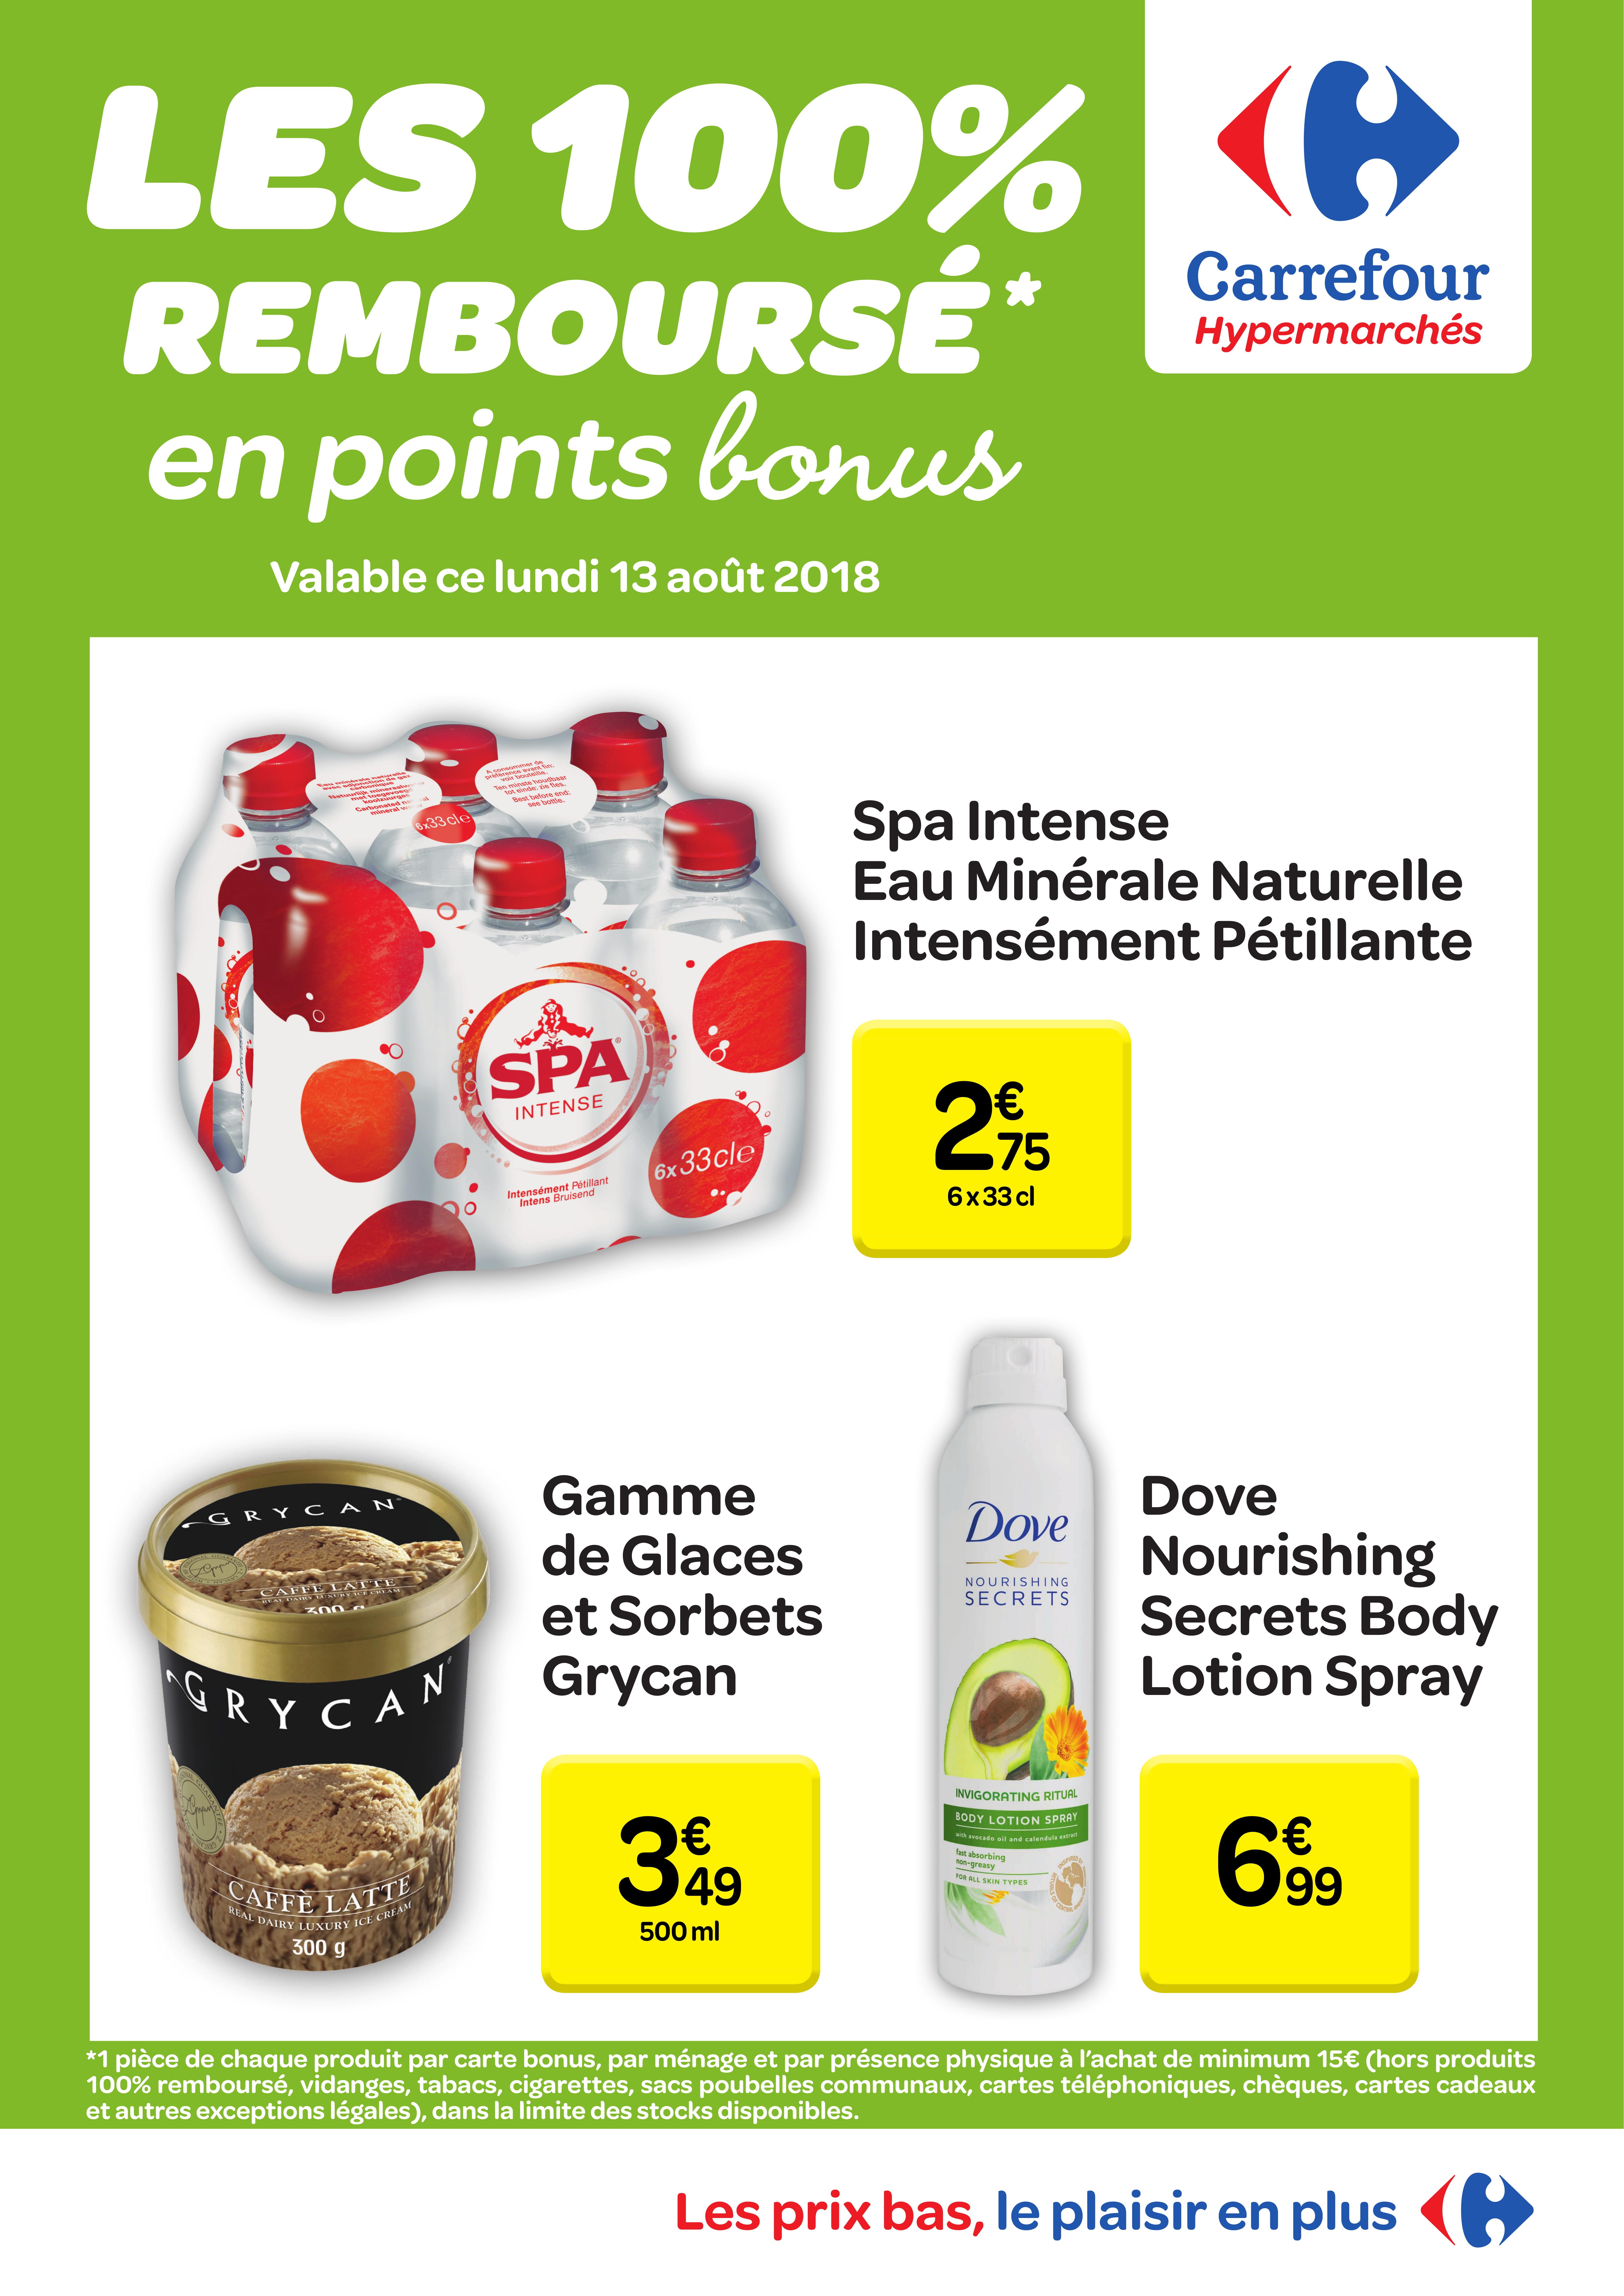 Carte Carrefour Hyper.Carrefour Hyper 100 Rembourses En Points Bonus Lundi 13 08